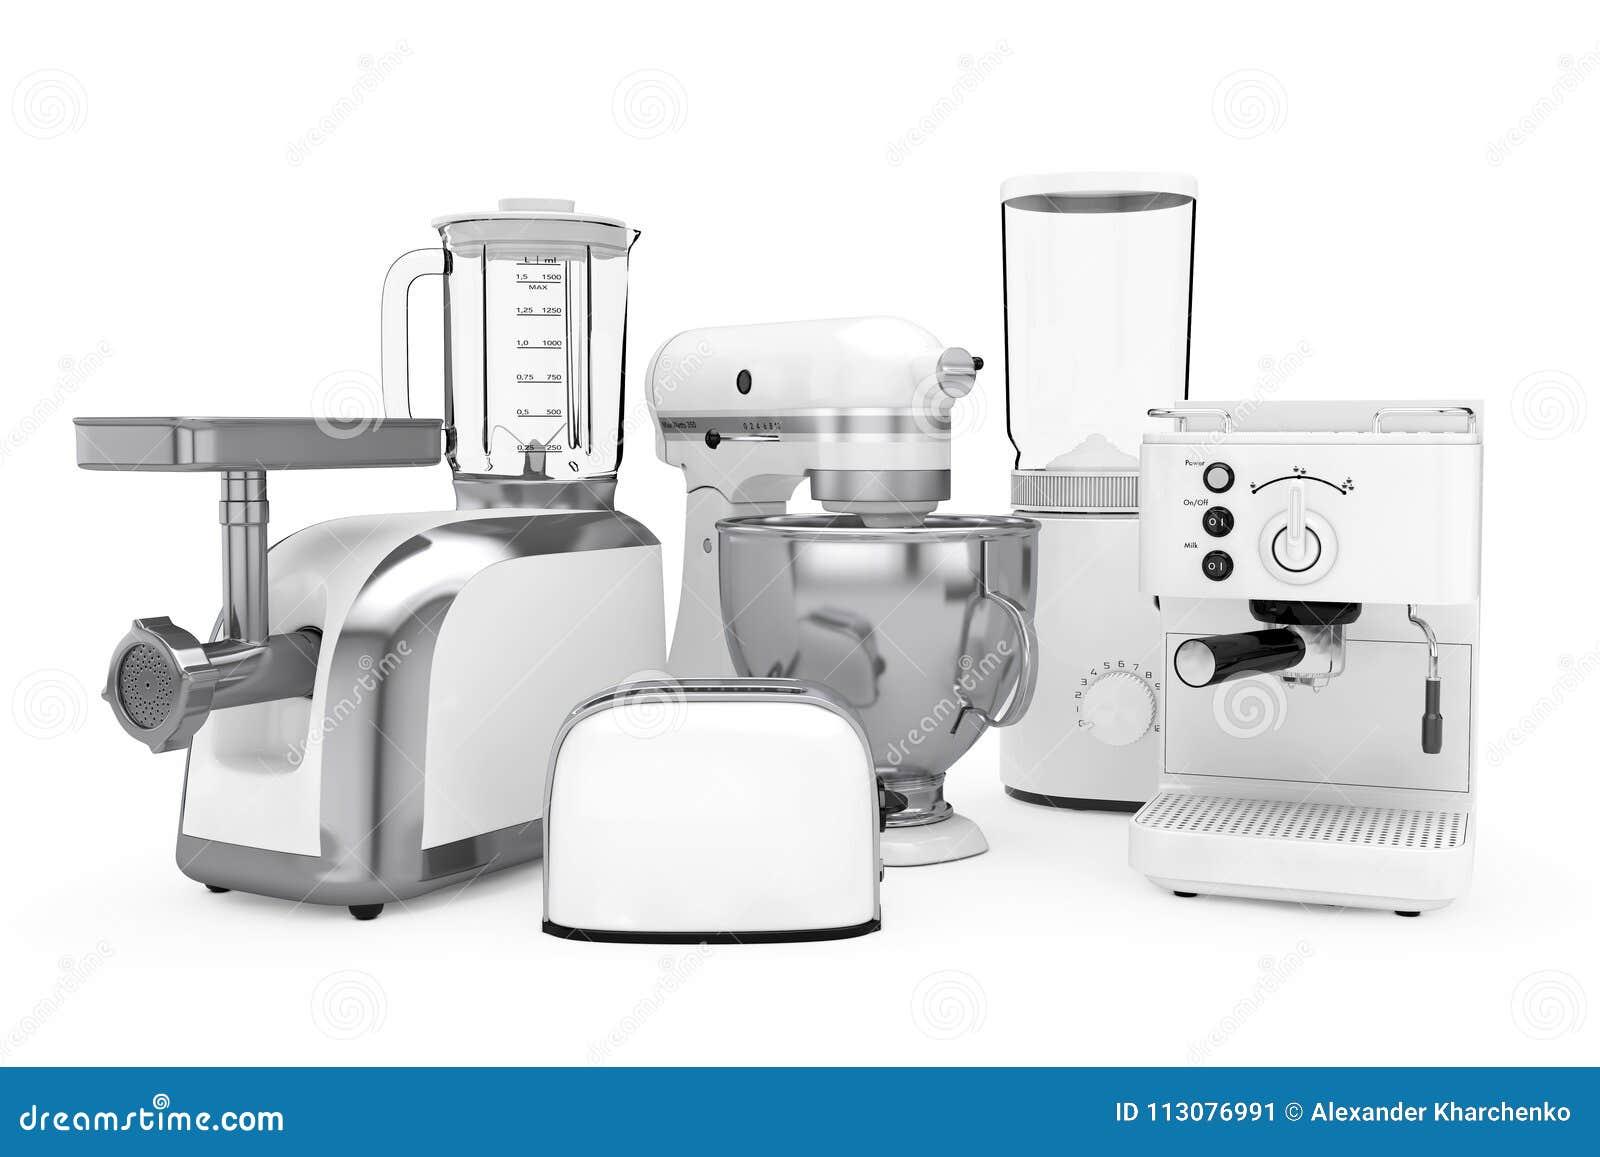 Kuchengerate Eingestellt Weisse Mischmaschine Toaster Kaffee